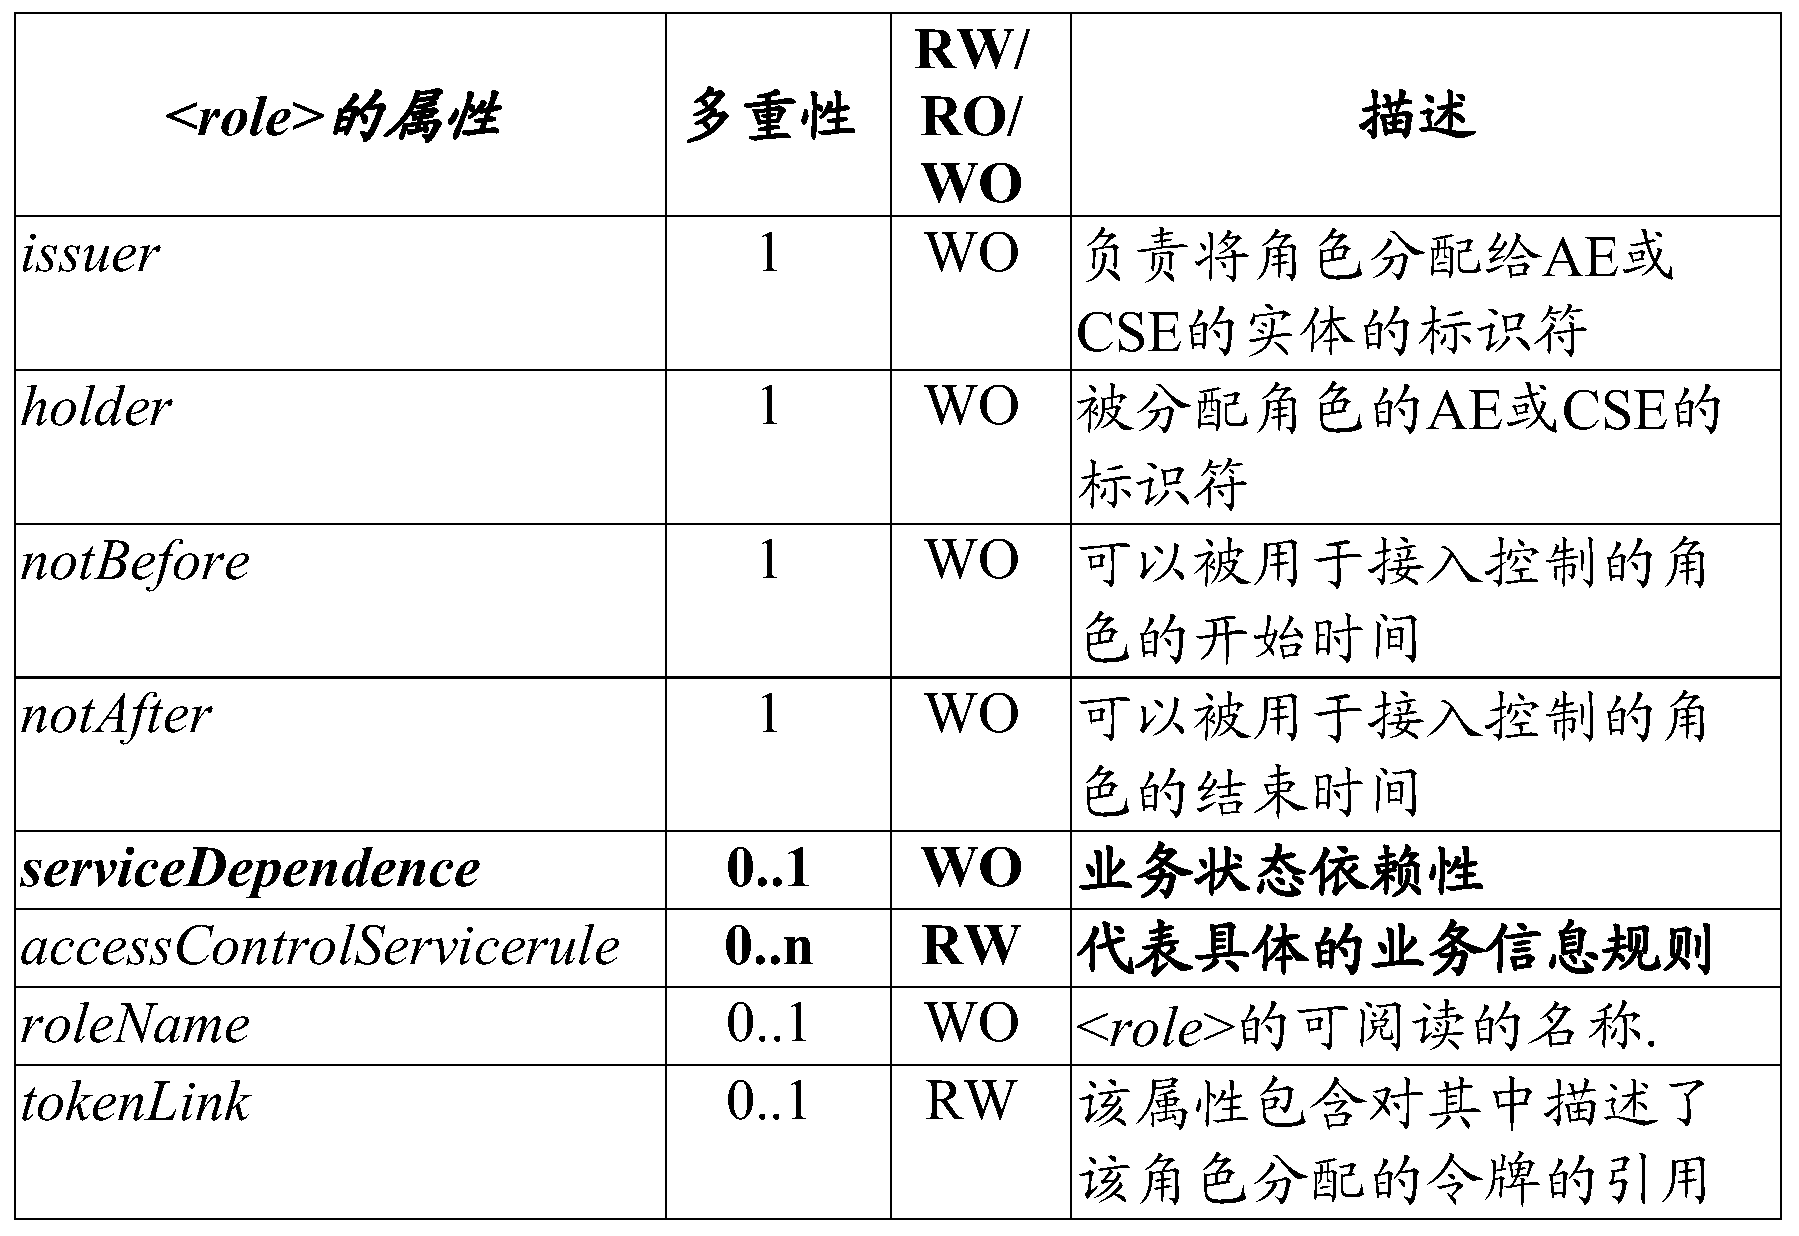 Figure PCTCN2017080035-appb-000002